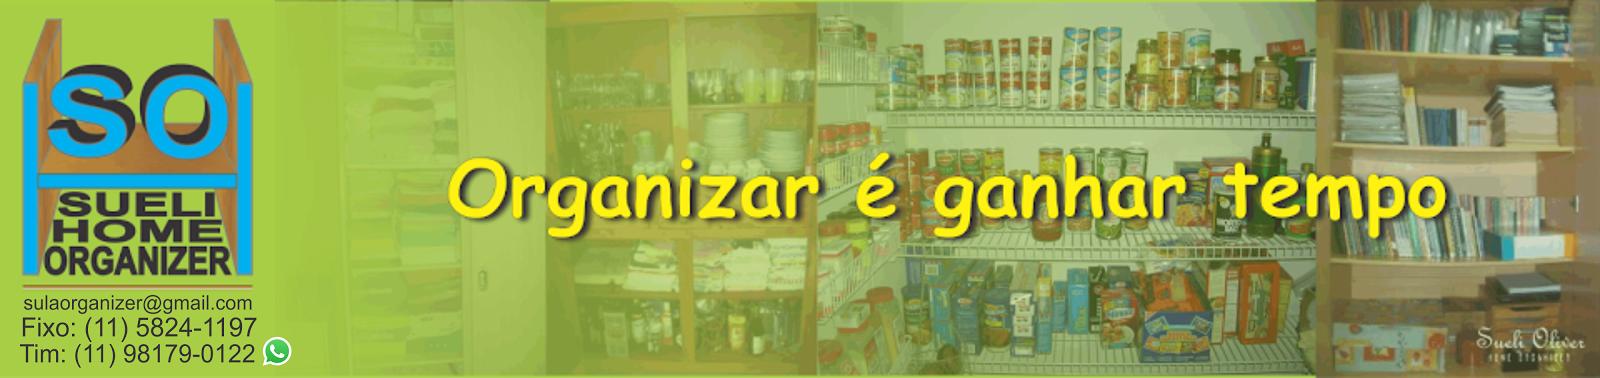 Sueli Home Organizer